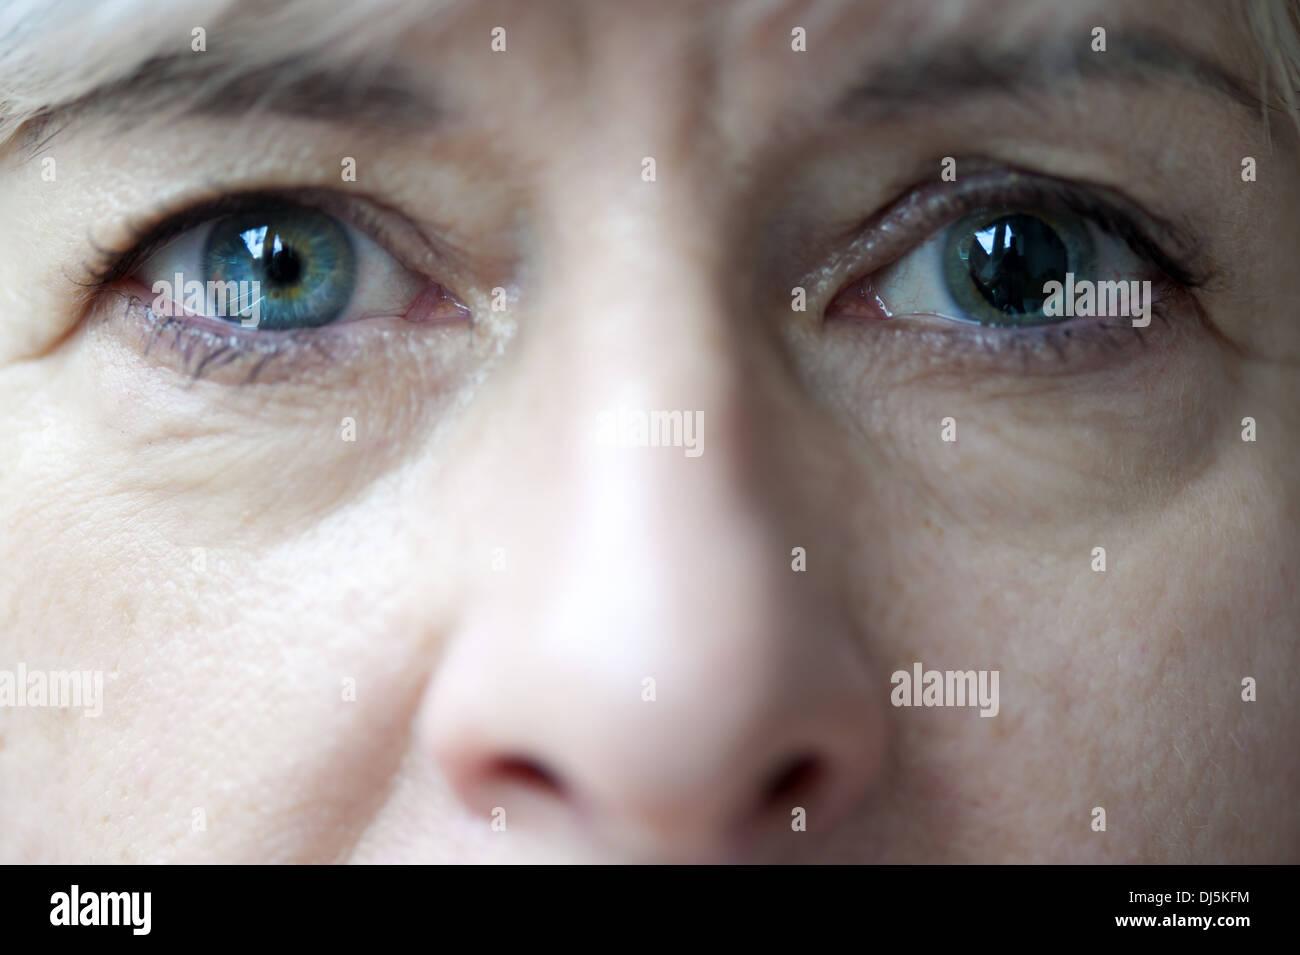 Augen verschieden große Führerscheingutachten Augenarzt